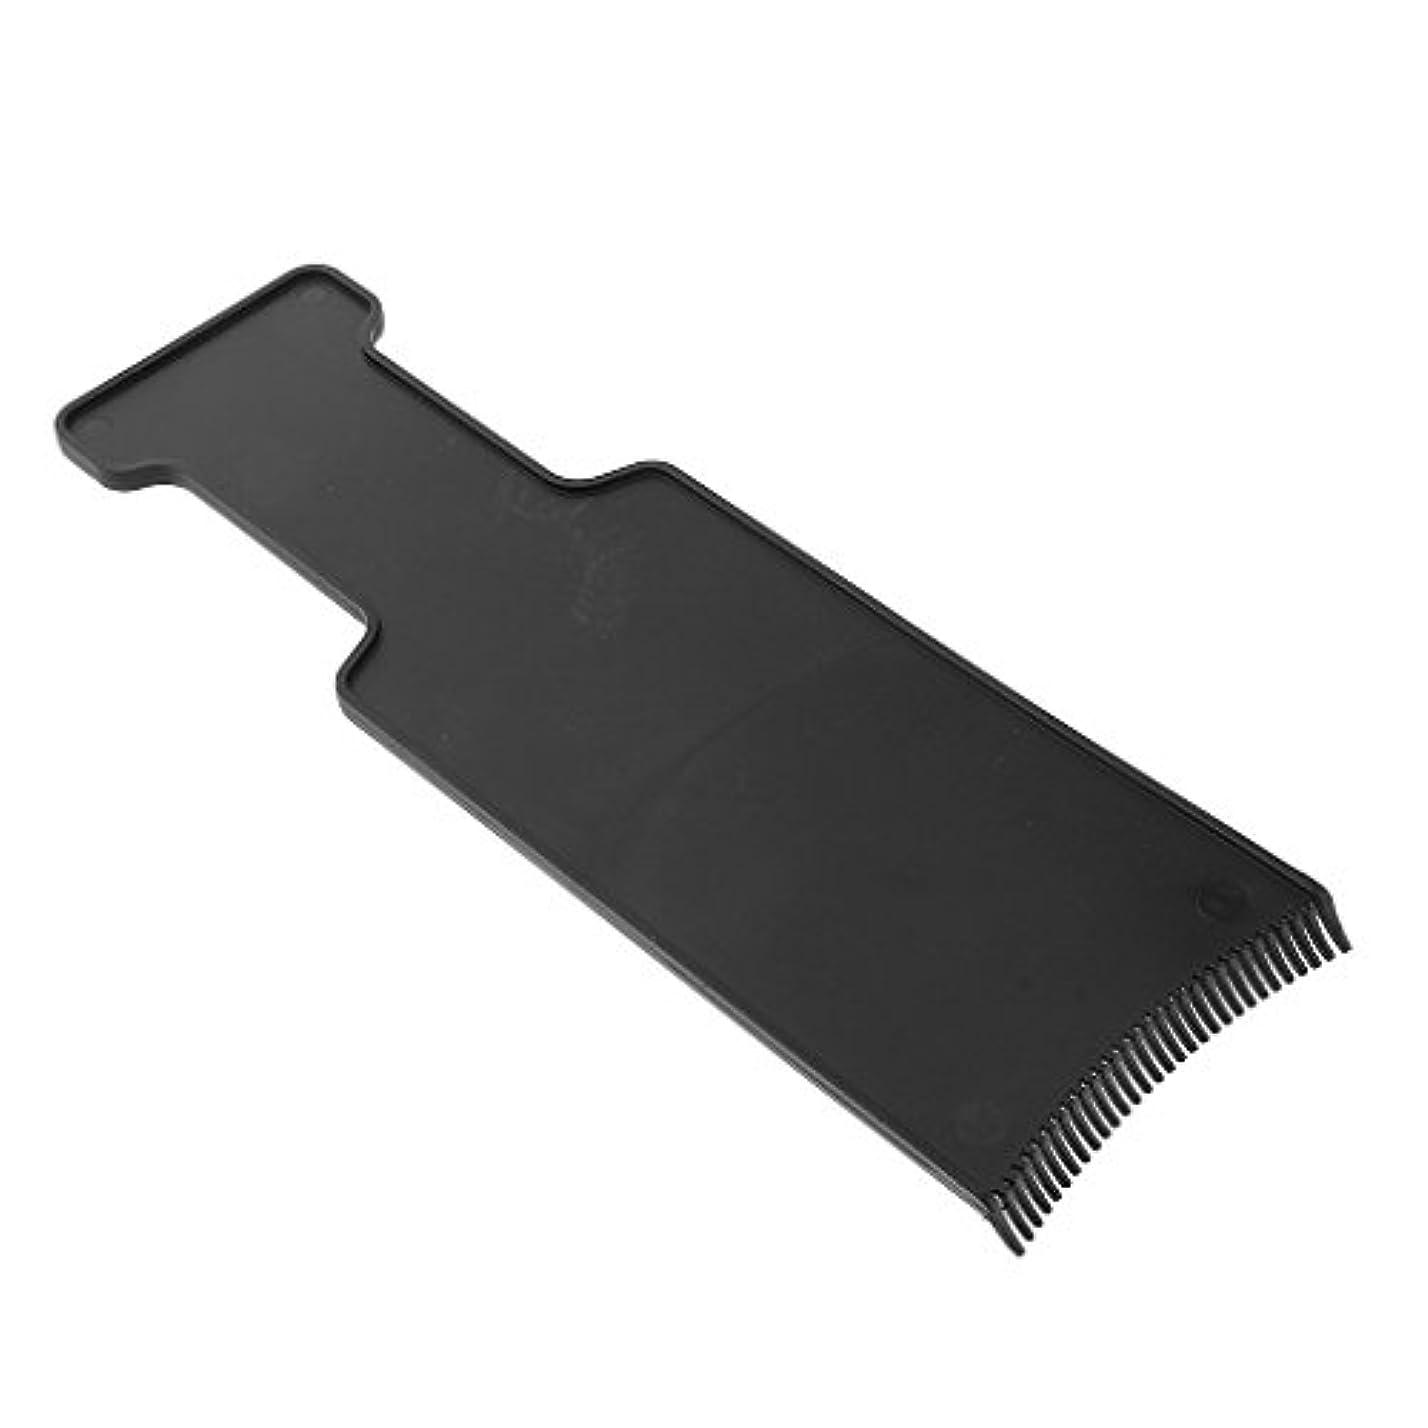 該当するのど巨大Kesoto サロン ヘアカラー ボード ヘアカラーティント 美容 ヘア ツール 髪 保護 ブラック 全4サイズ - M